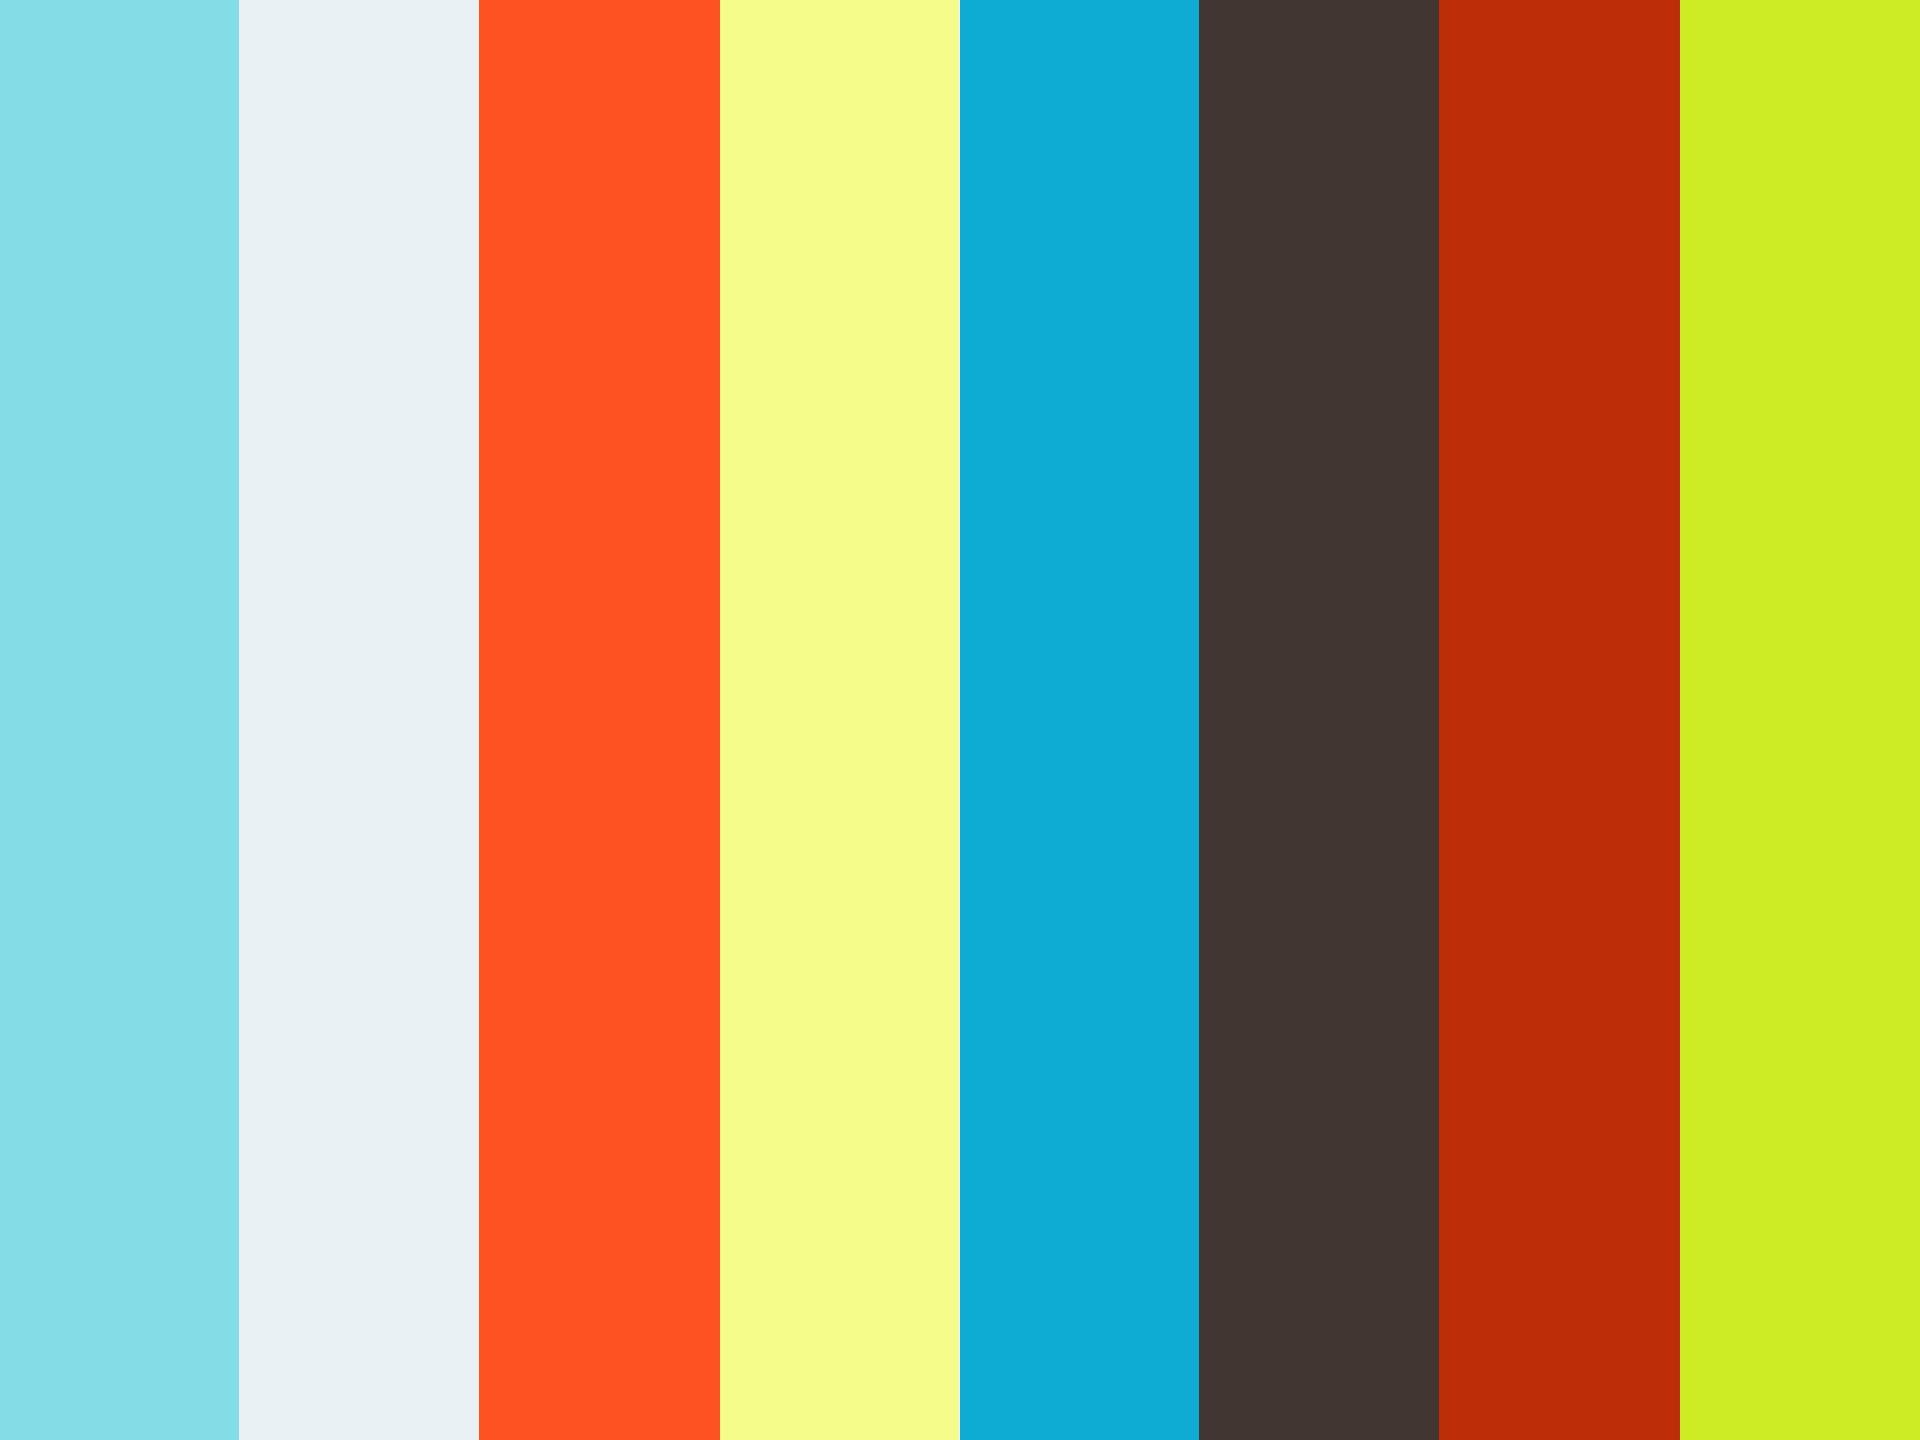 LA UD BARBASTRO SIGUE PREPARANDO EL PARTIDO DE COPA FEDERACIÓN, DONDE DEBUTA CON EL CD BINÉFAR. El club ha pintado la grada de preferencia y la que esta detrás de la portería con los colores rojiblancos